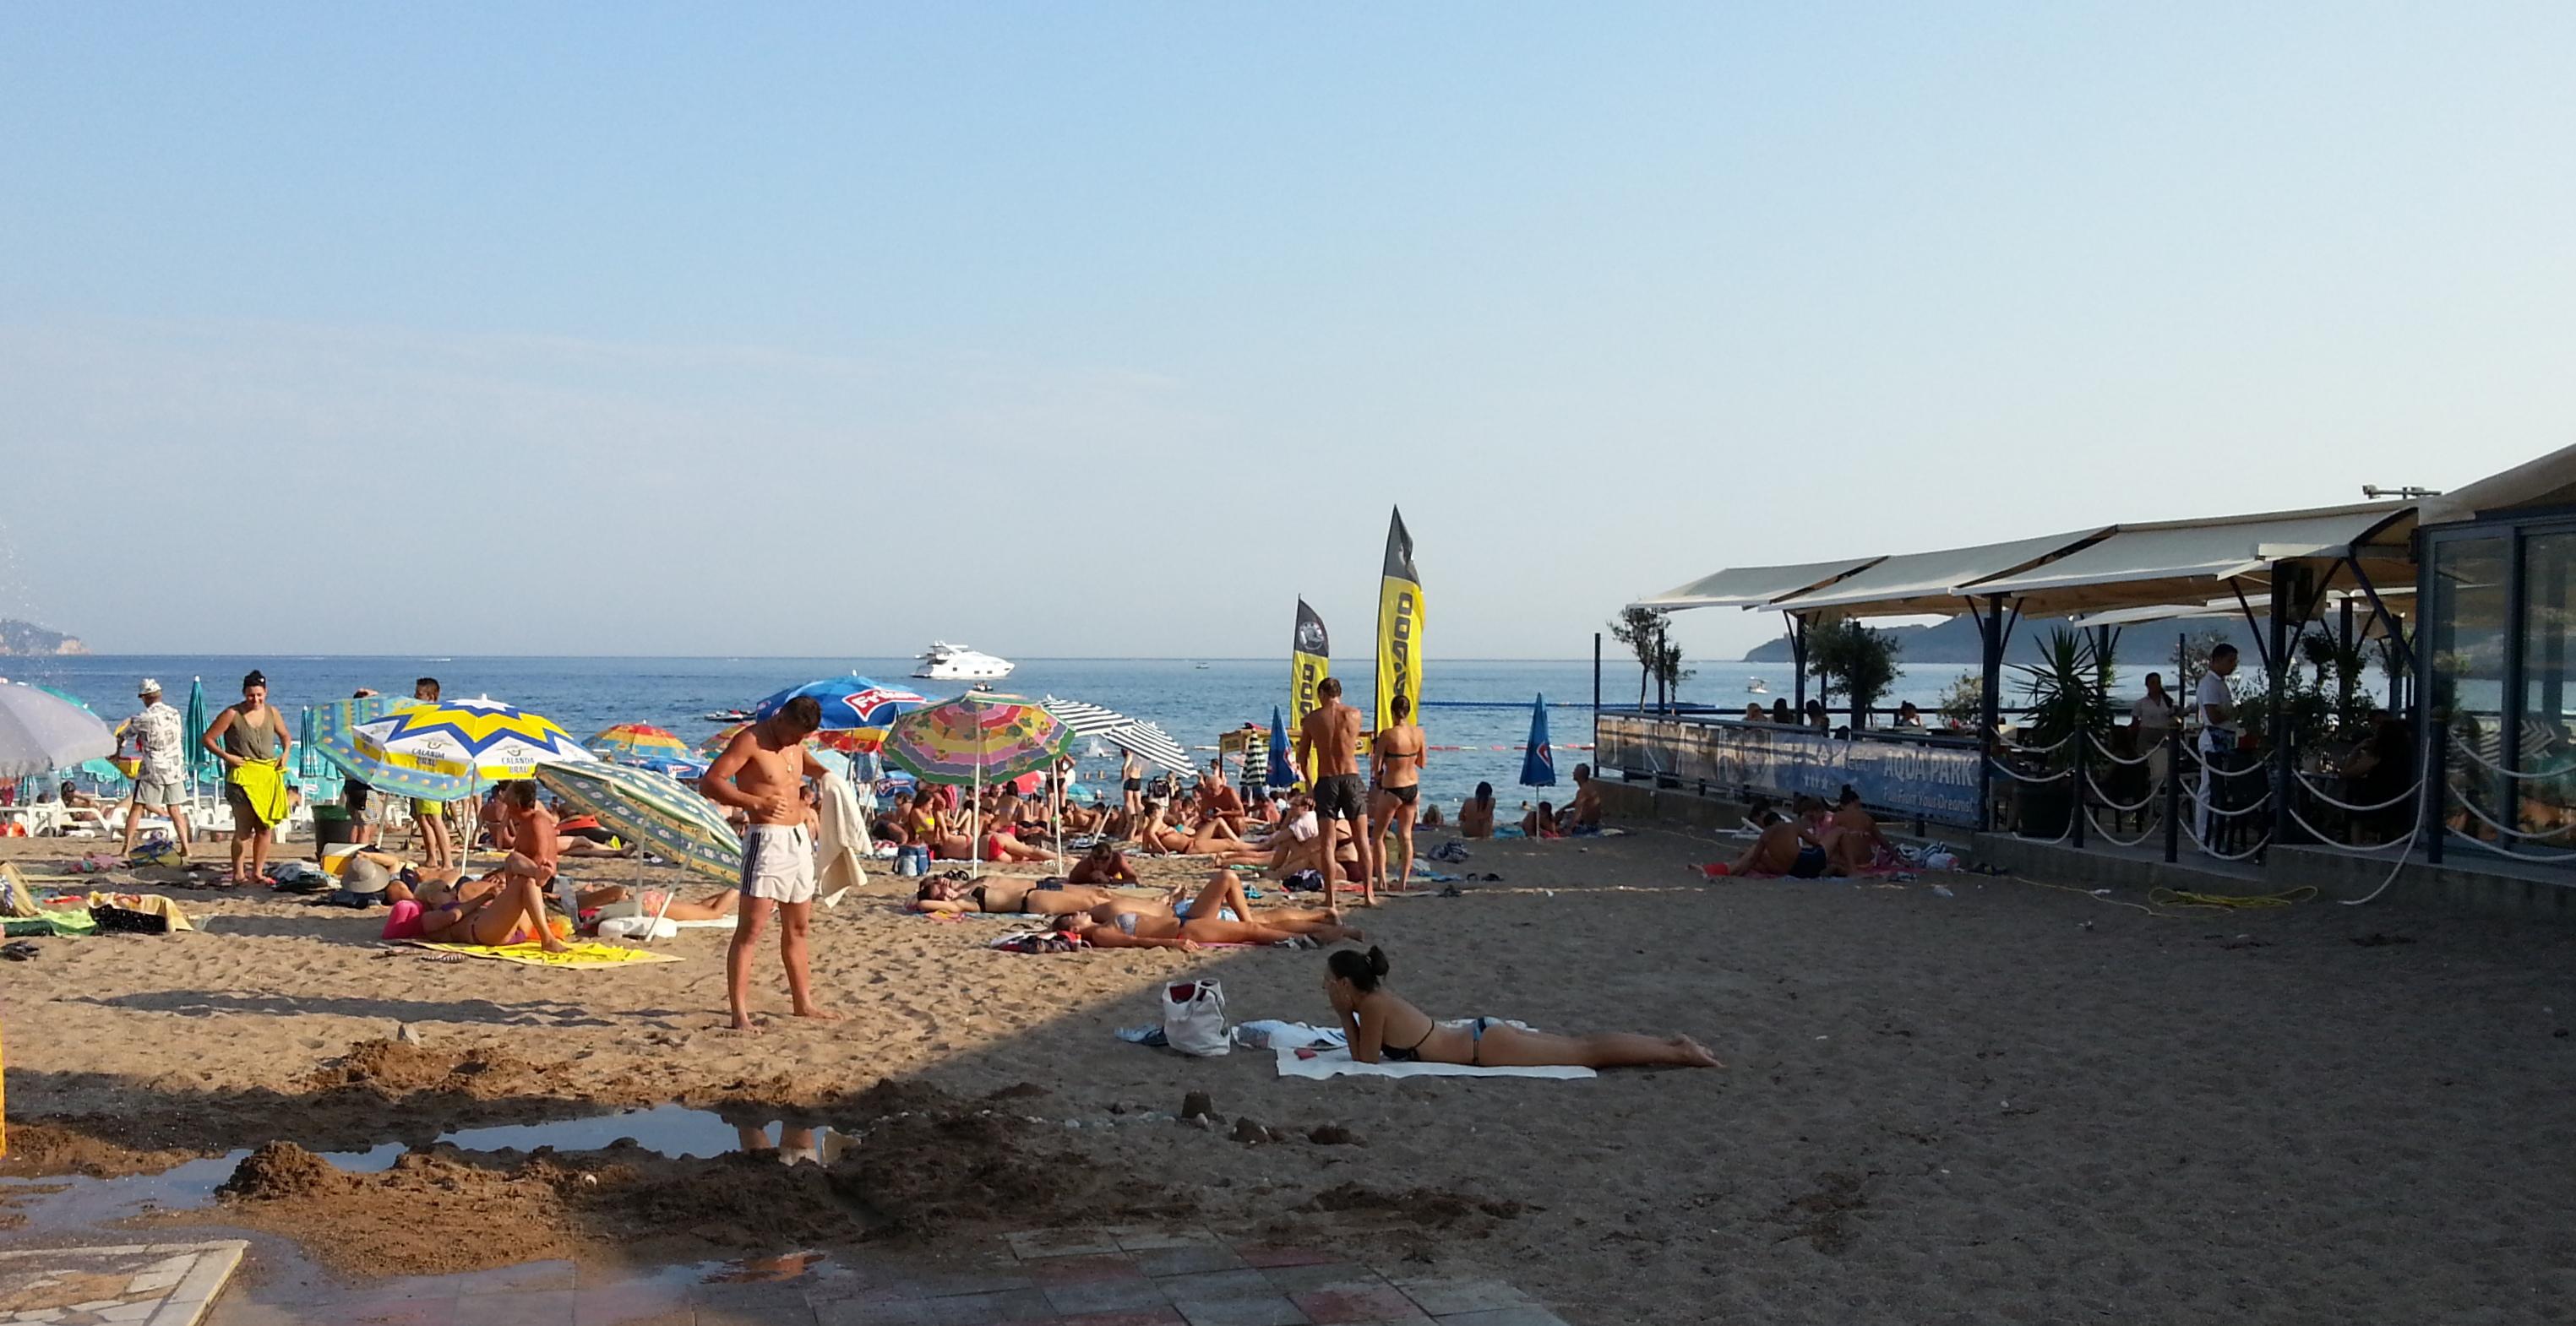 Муниципальный пляж в Бечичи вечером.